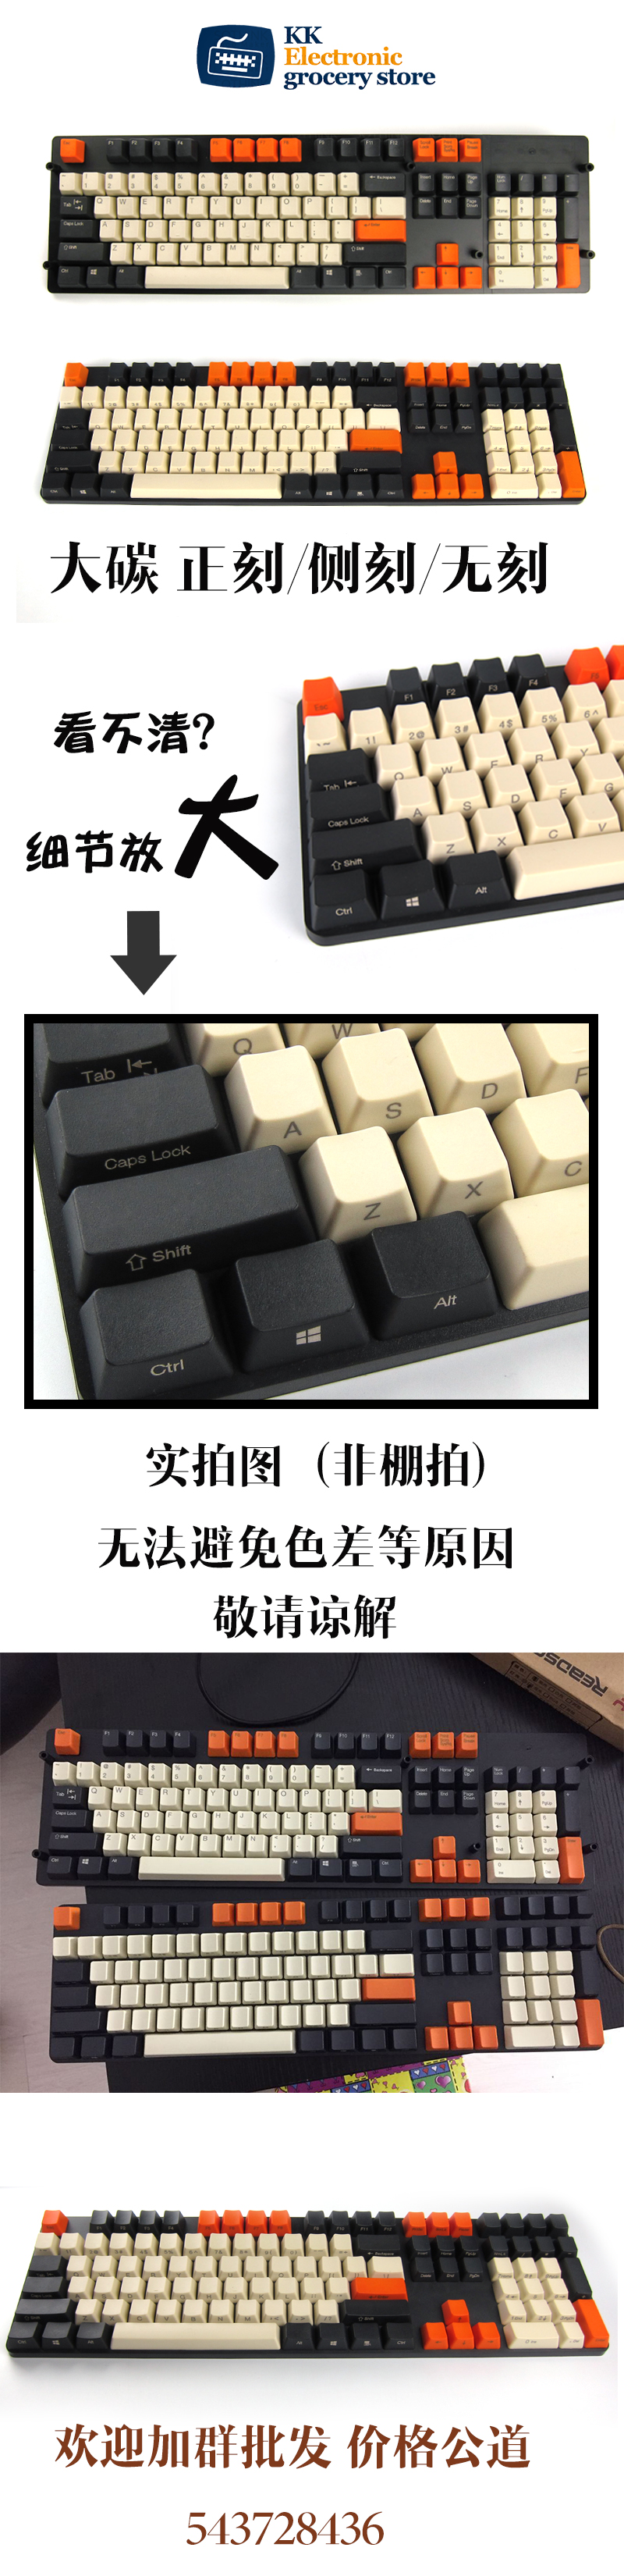 大碳机械键盘侧刻键帽可热升华键适配机械键帽详细照片